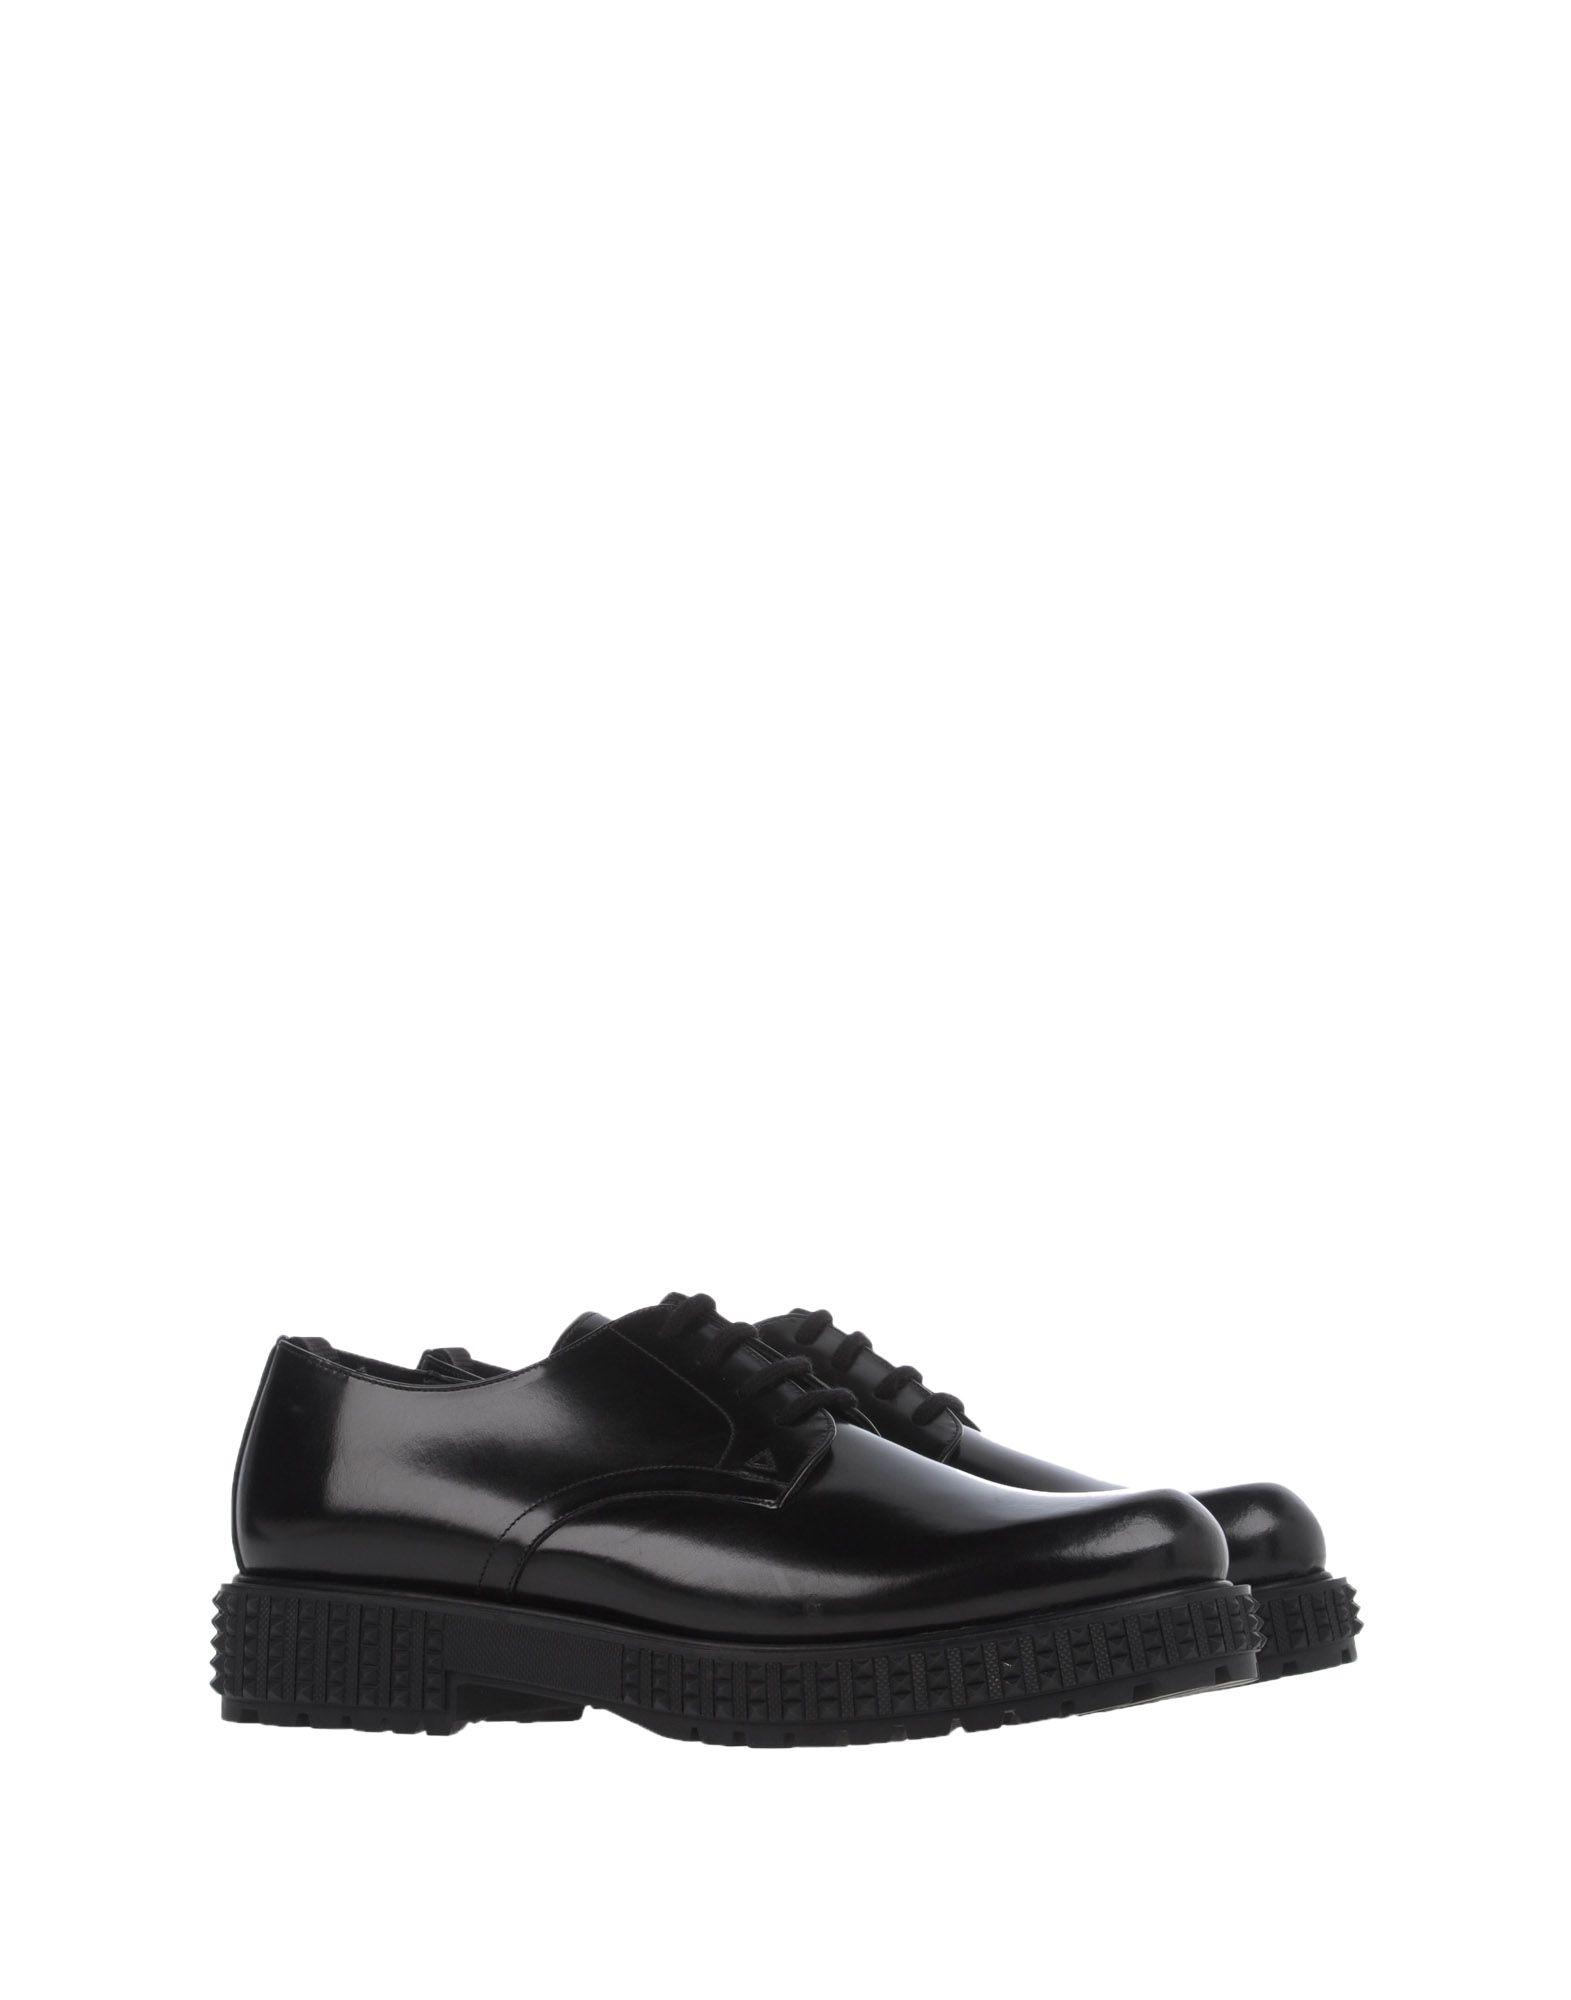 Valentino Garavani Schnürschuhe Herren  Schuhe 11211312HB Gute Qualität beliebte Schuhe  7b74fa